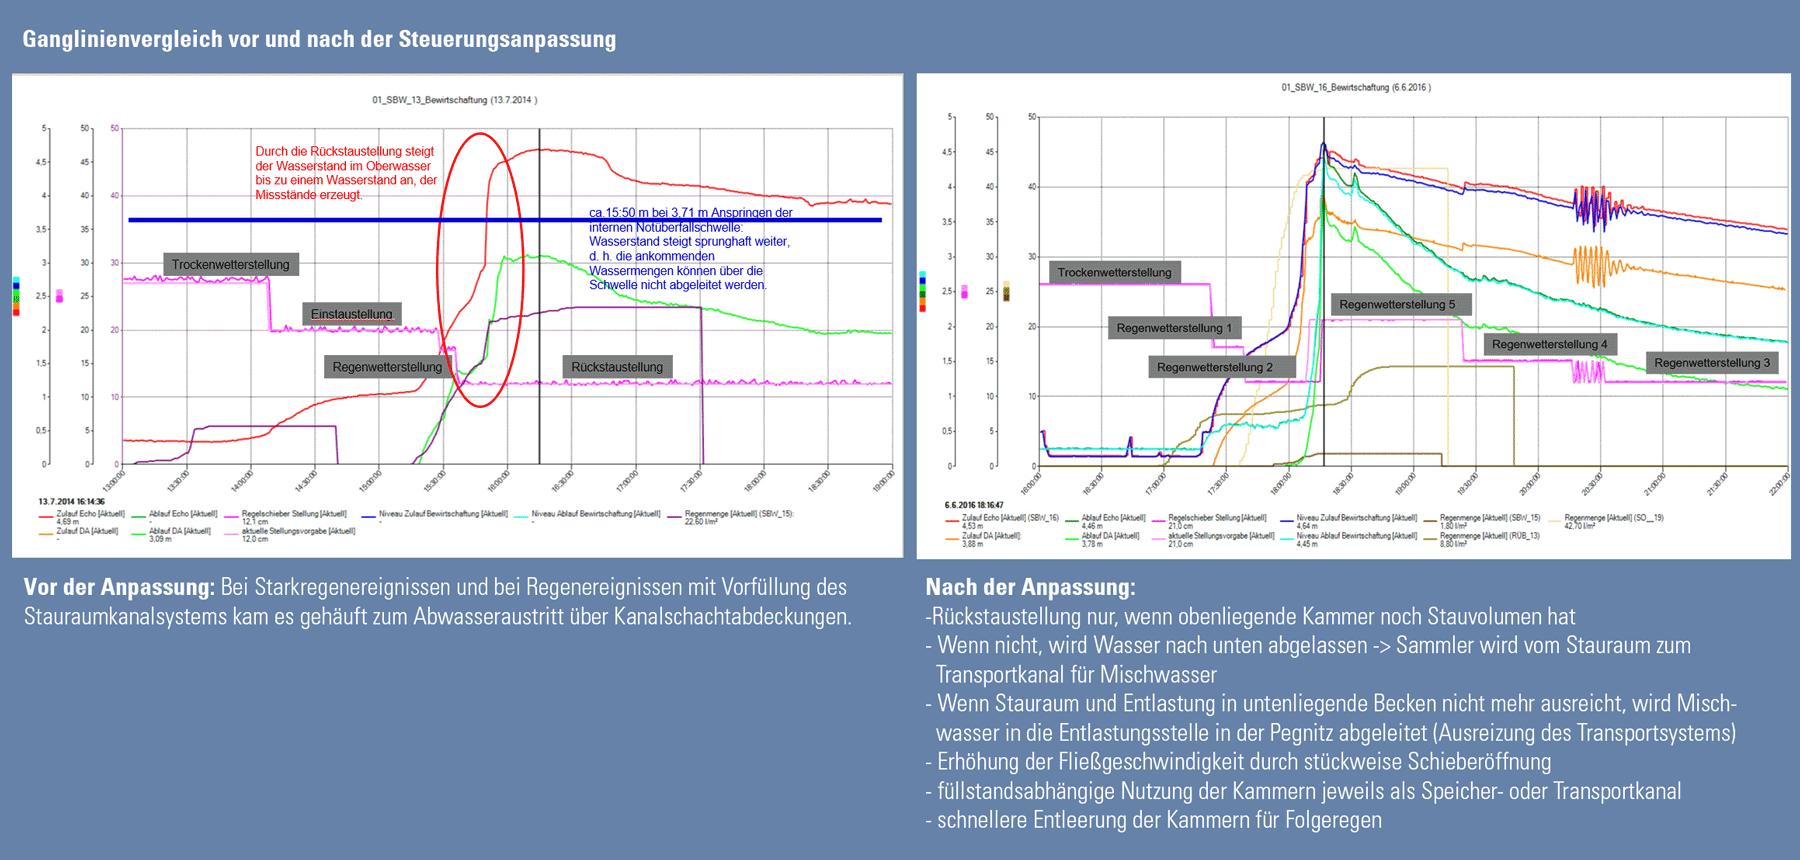 Ganglinienvergleich vor und nach Optimierung